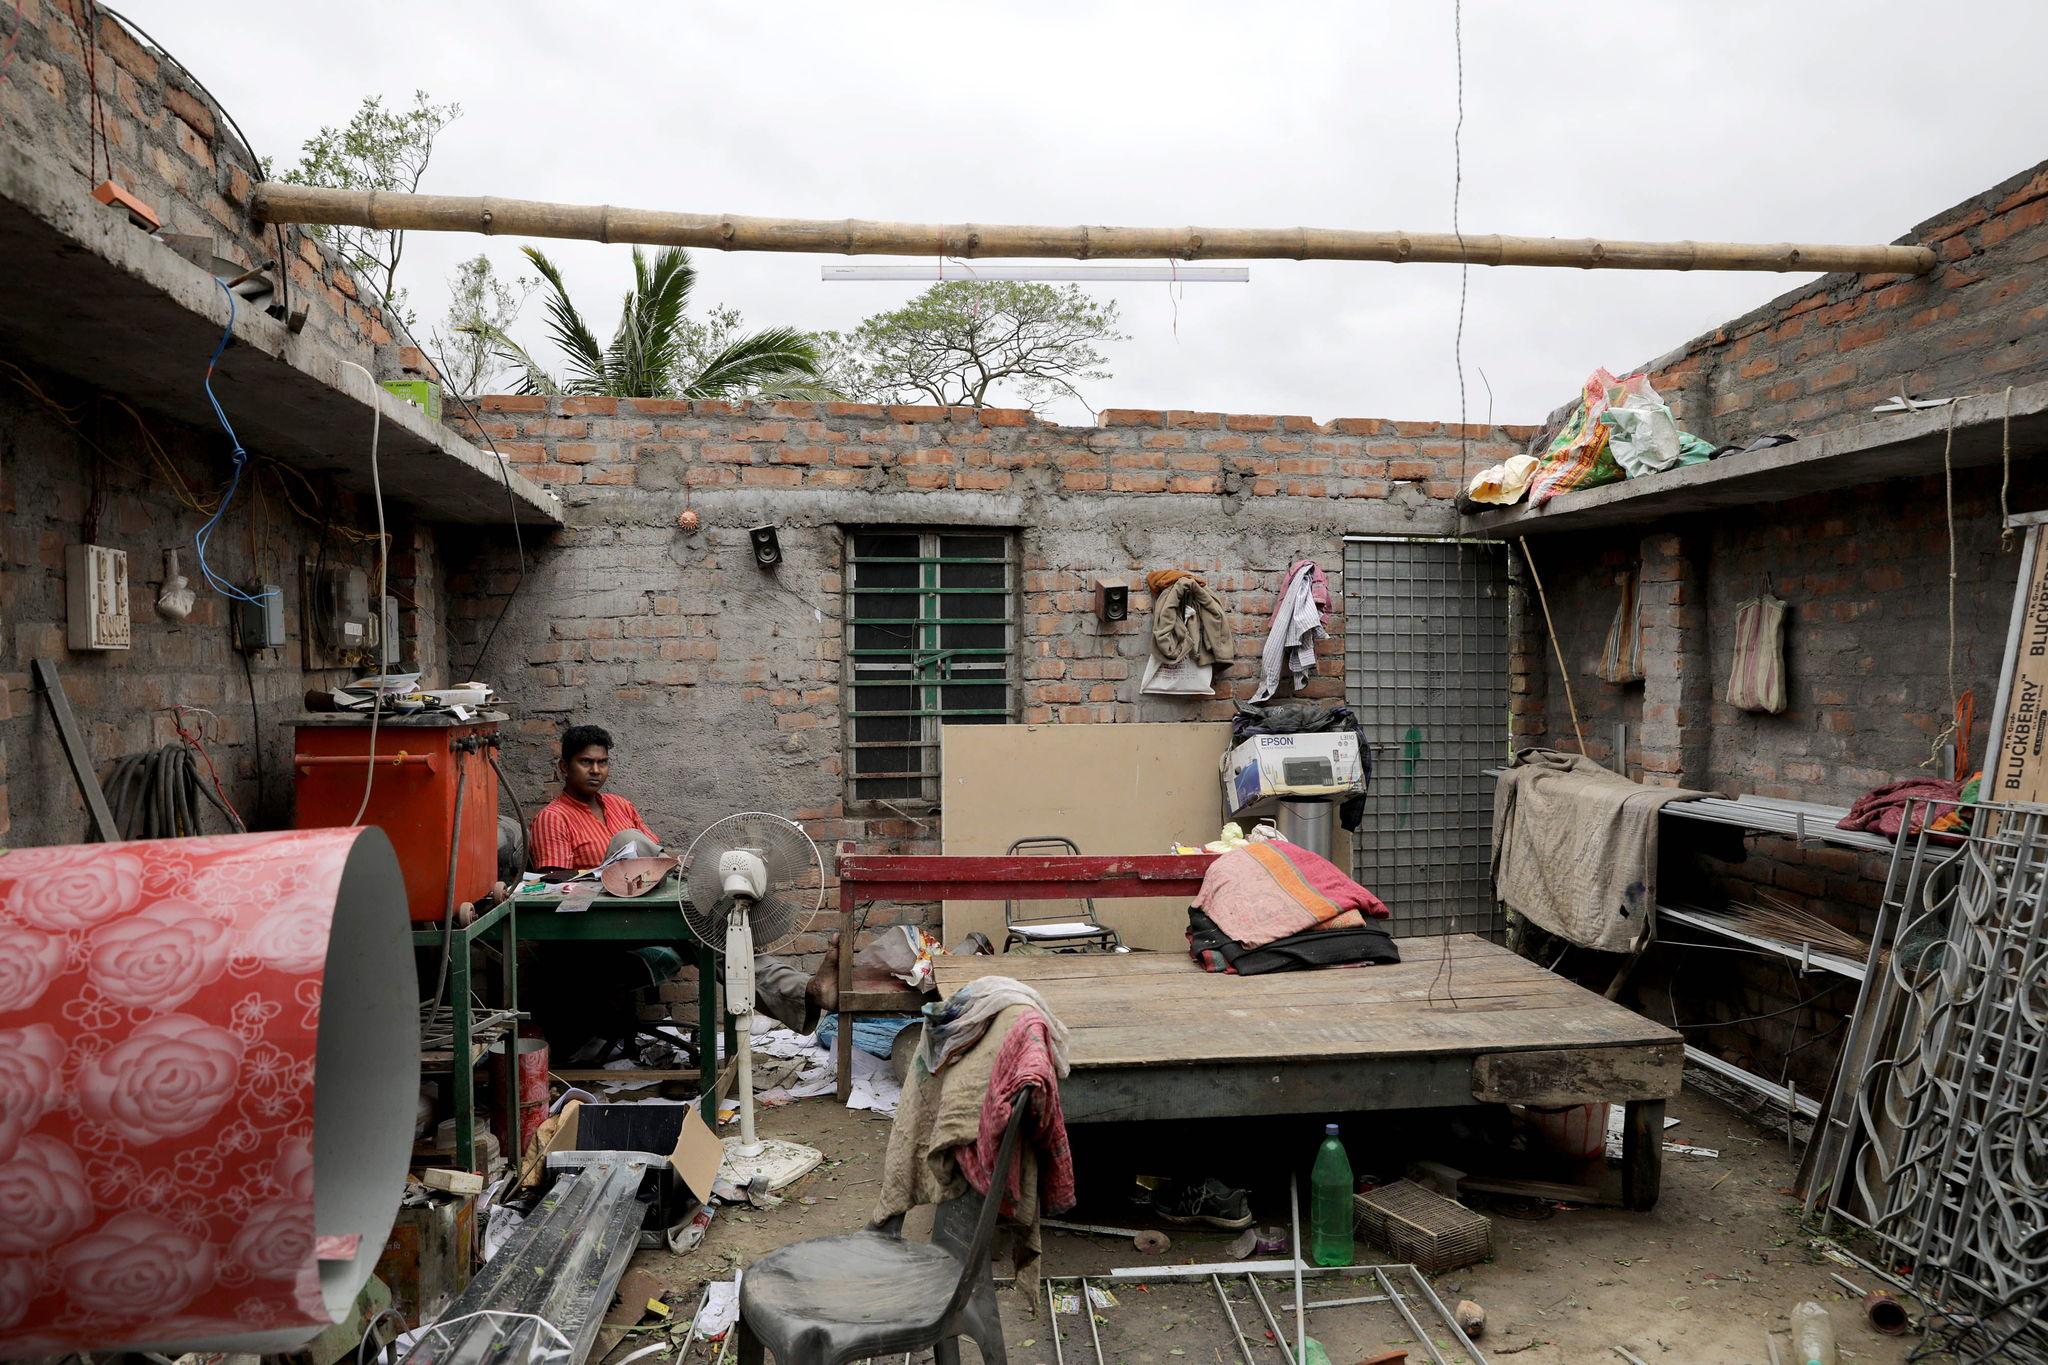 Una víctima del ciclón en su casa, cuyo techo ha sido destrozado por la fuerza del viento. La vivienda se encuentra en el pueblo de Bokkhali, cerca de la Baía de Bengala, en India.